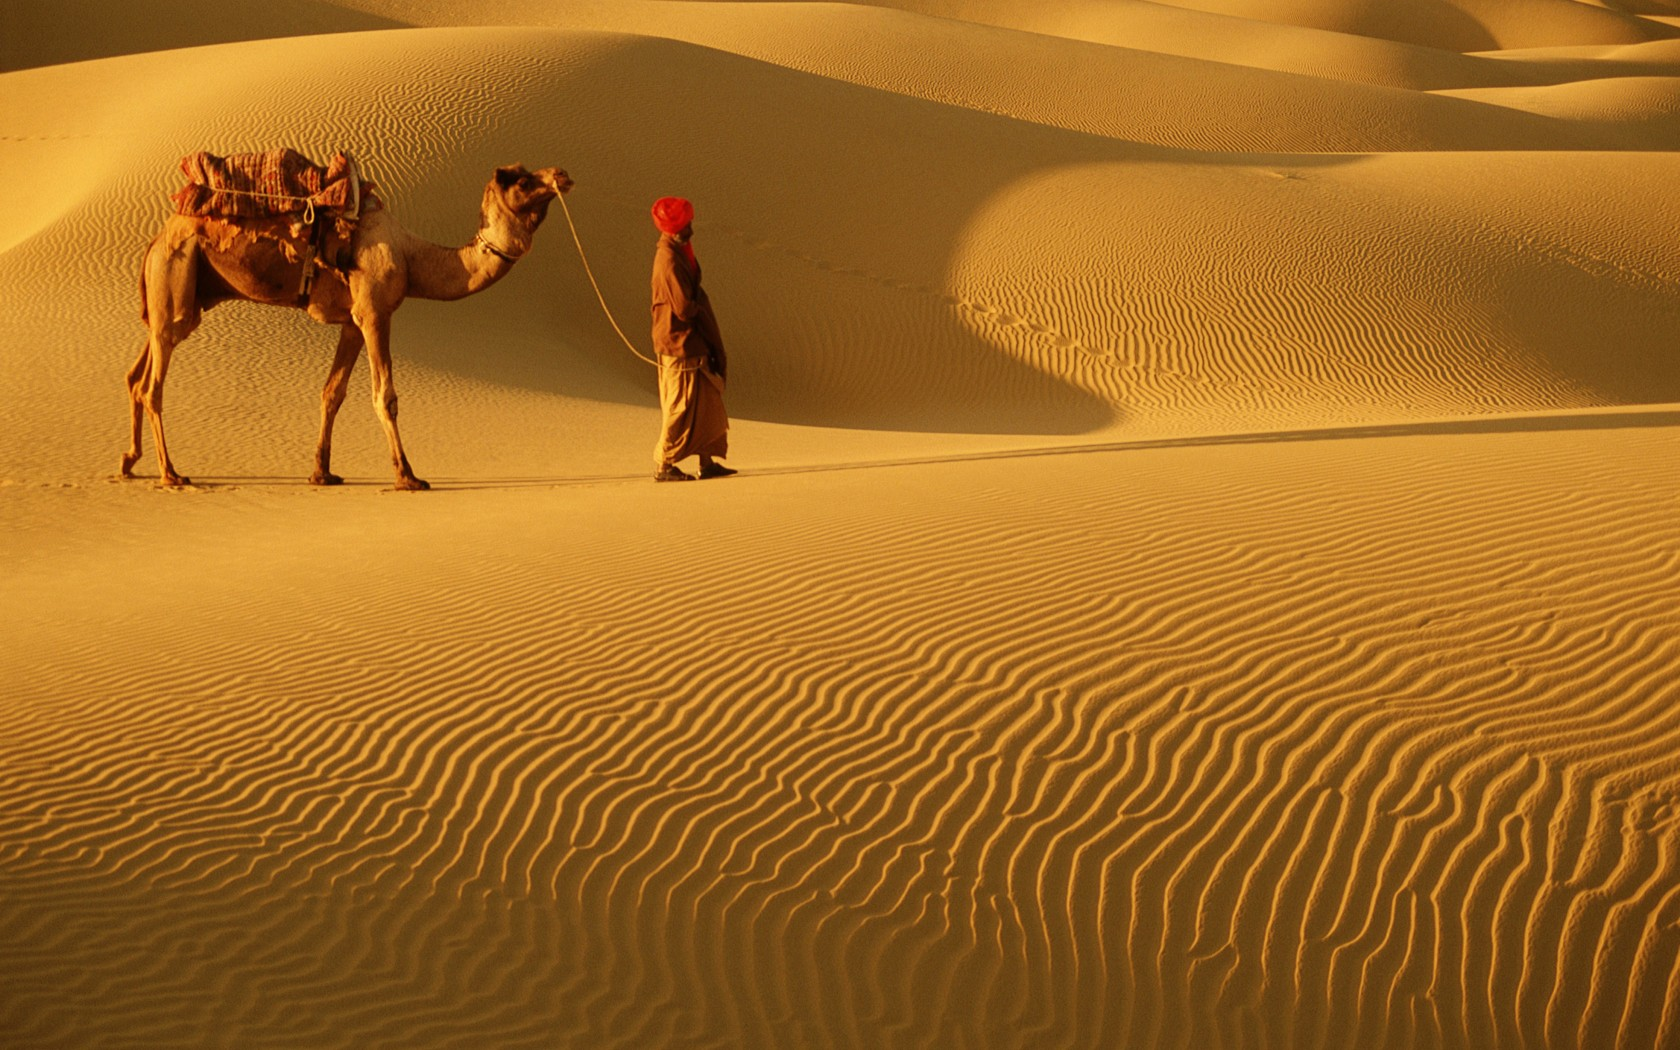 Damodra Desert Camp is a luxury desert camp in the Thar desert near  Jaisalmer, India and the Sam sand dunes.